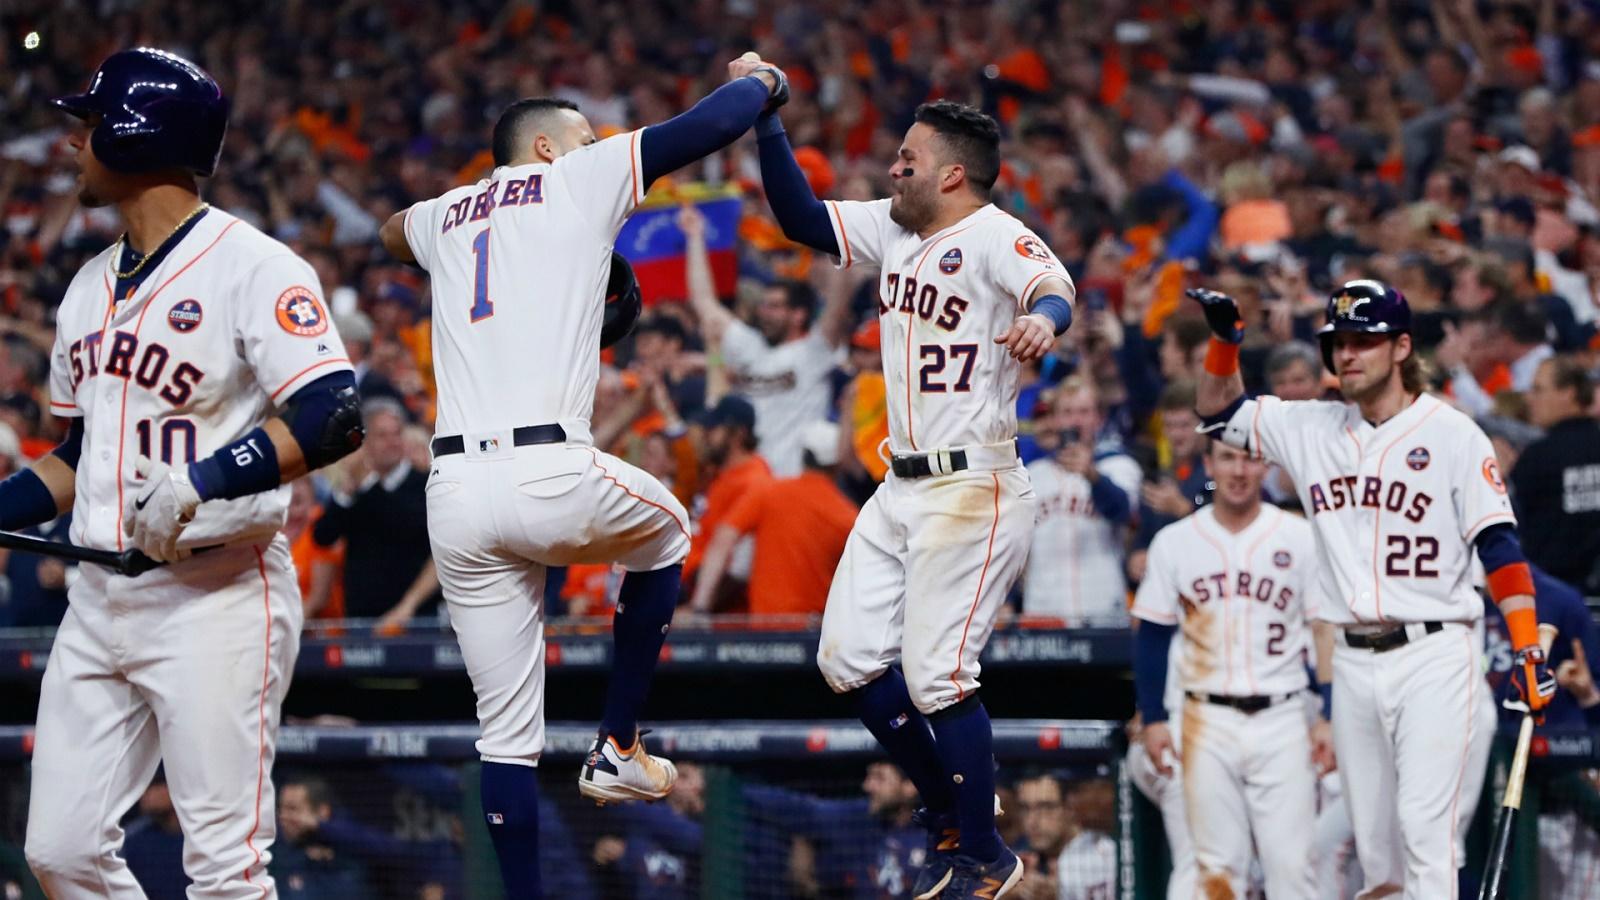 La tendencia de MLB de más ponches, bases por bolas y jonrones continúa